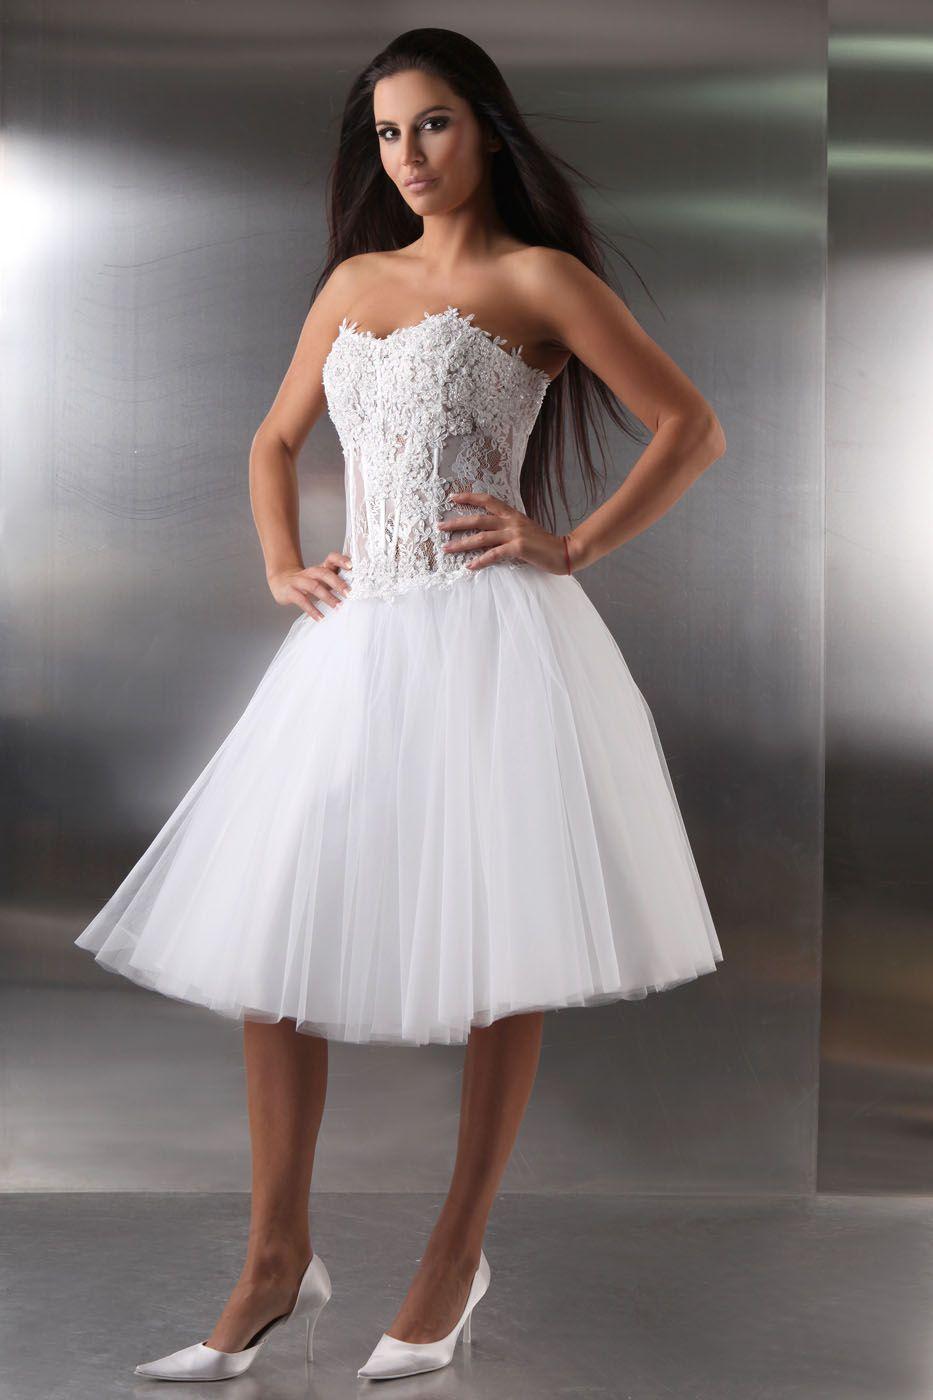 Kurzes 50er Jahre Brautkleid weiß - Kleiderfreuden